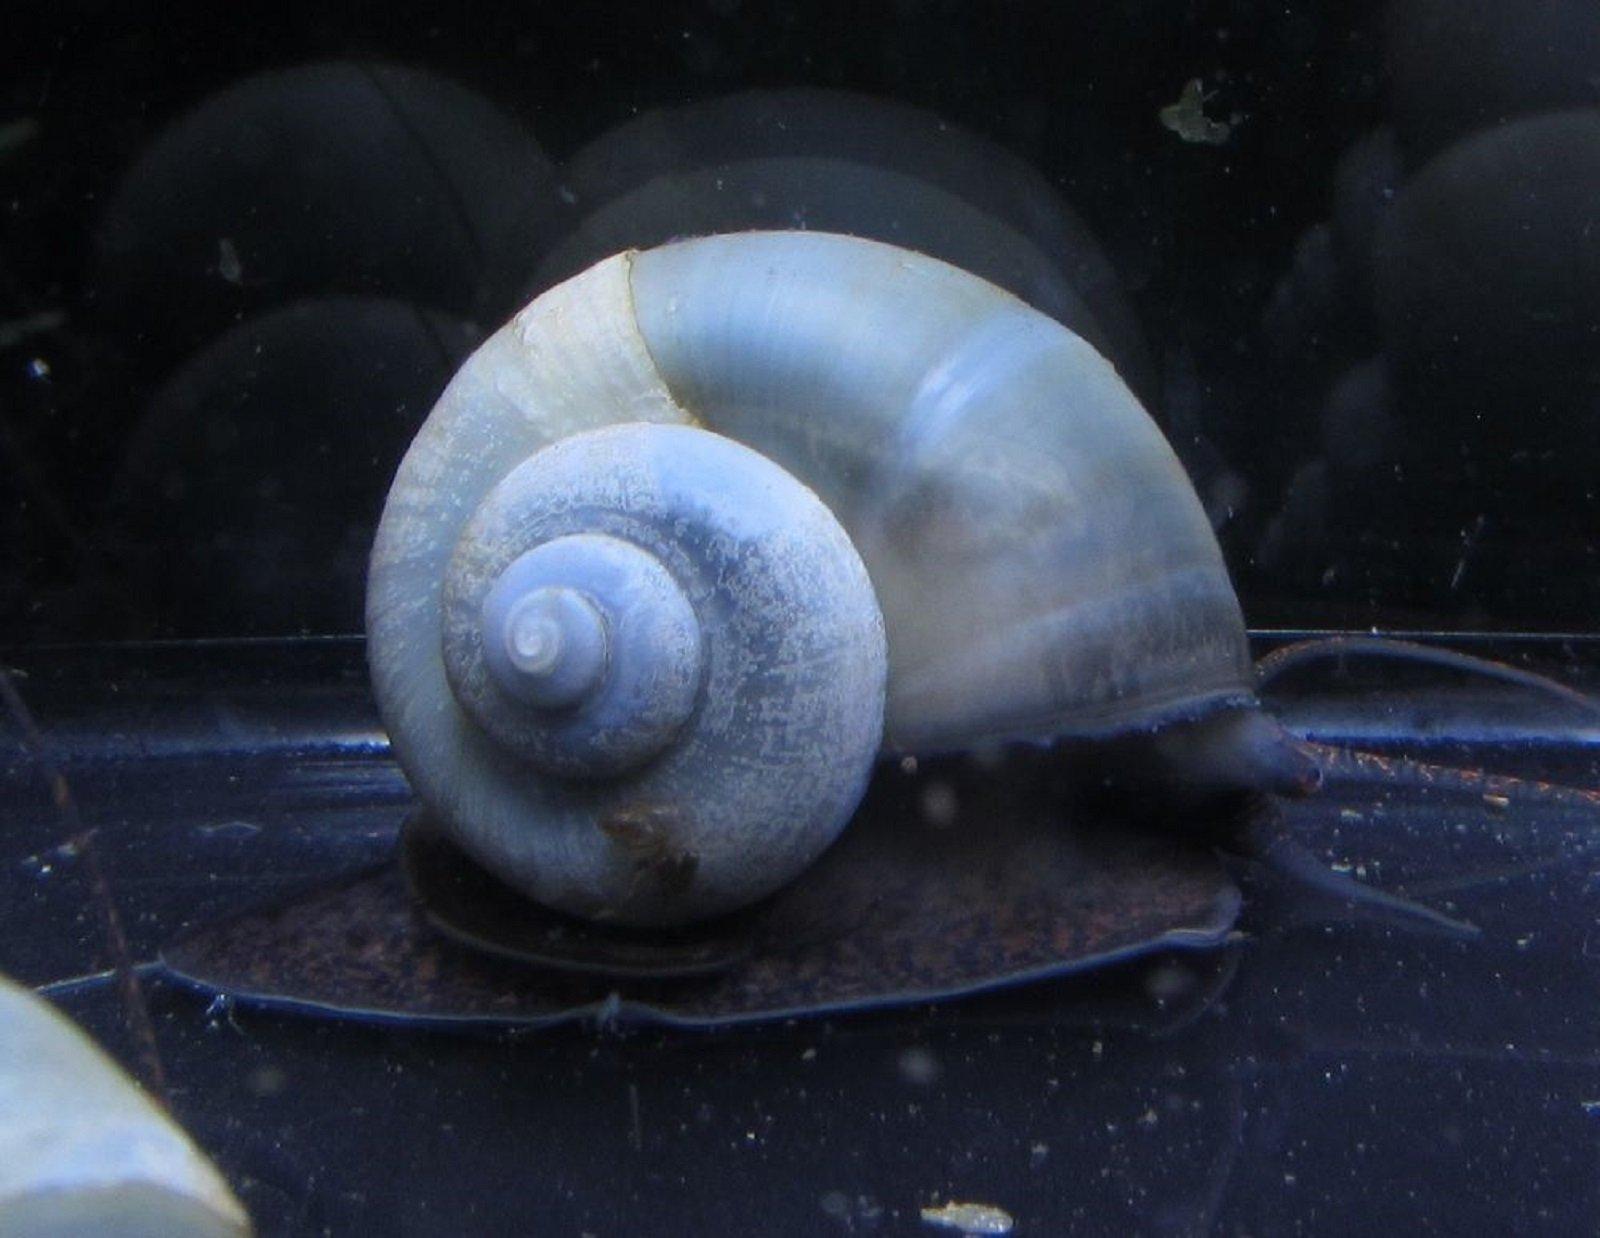 Hot Sale! 10 Blue Mystery Snail Live Freshwater Aquarium Snails